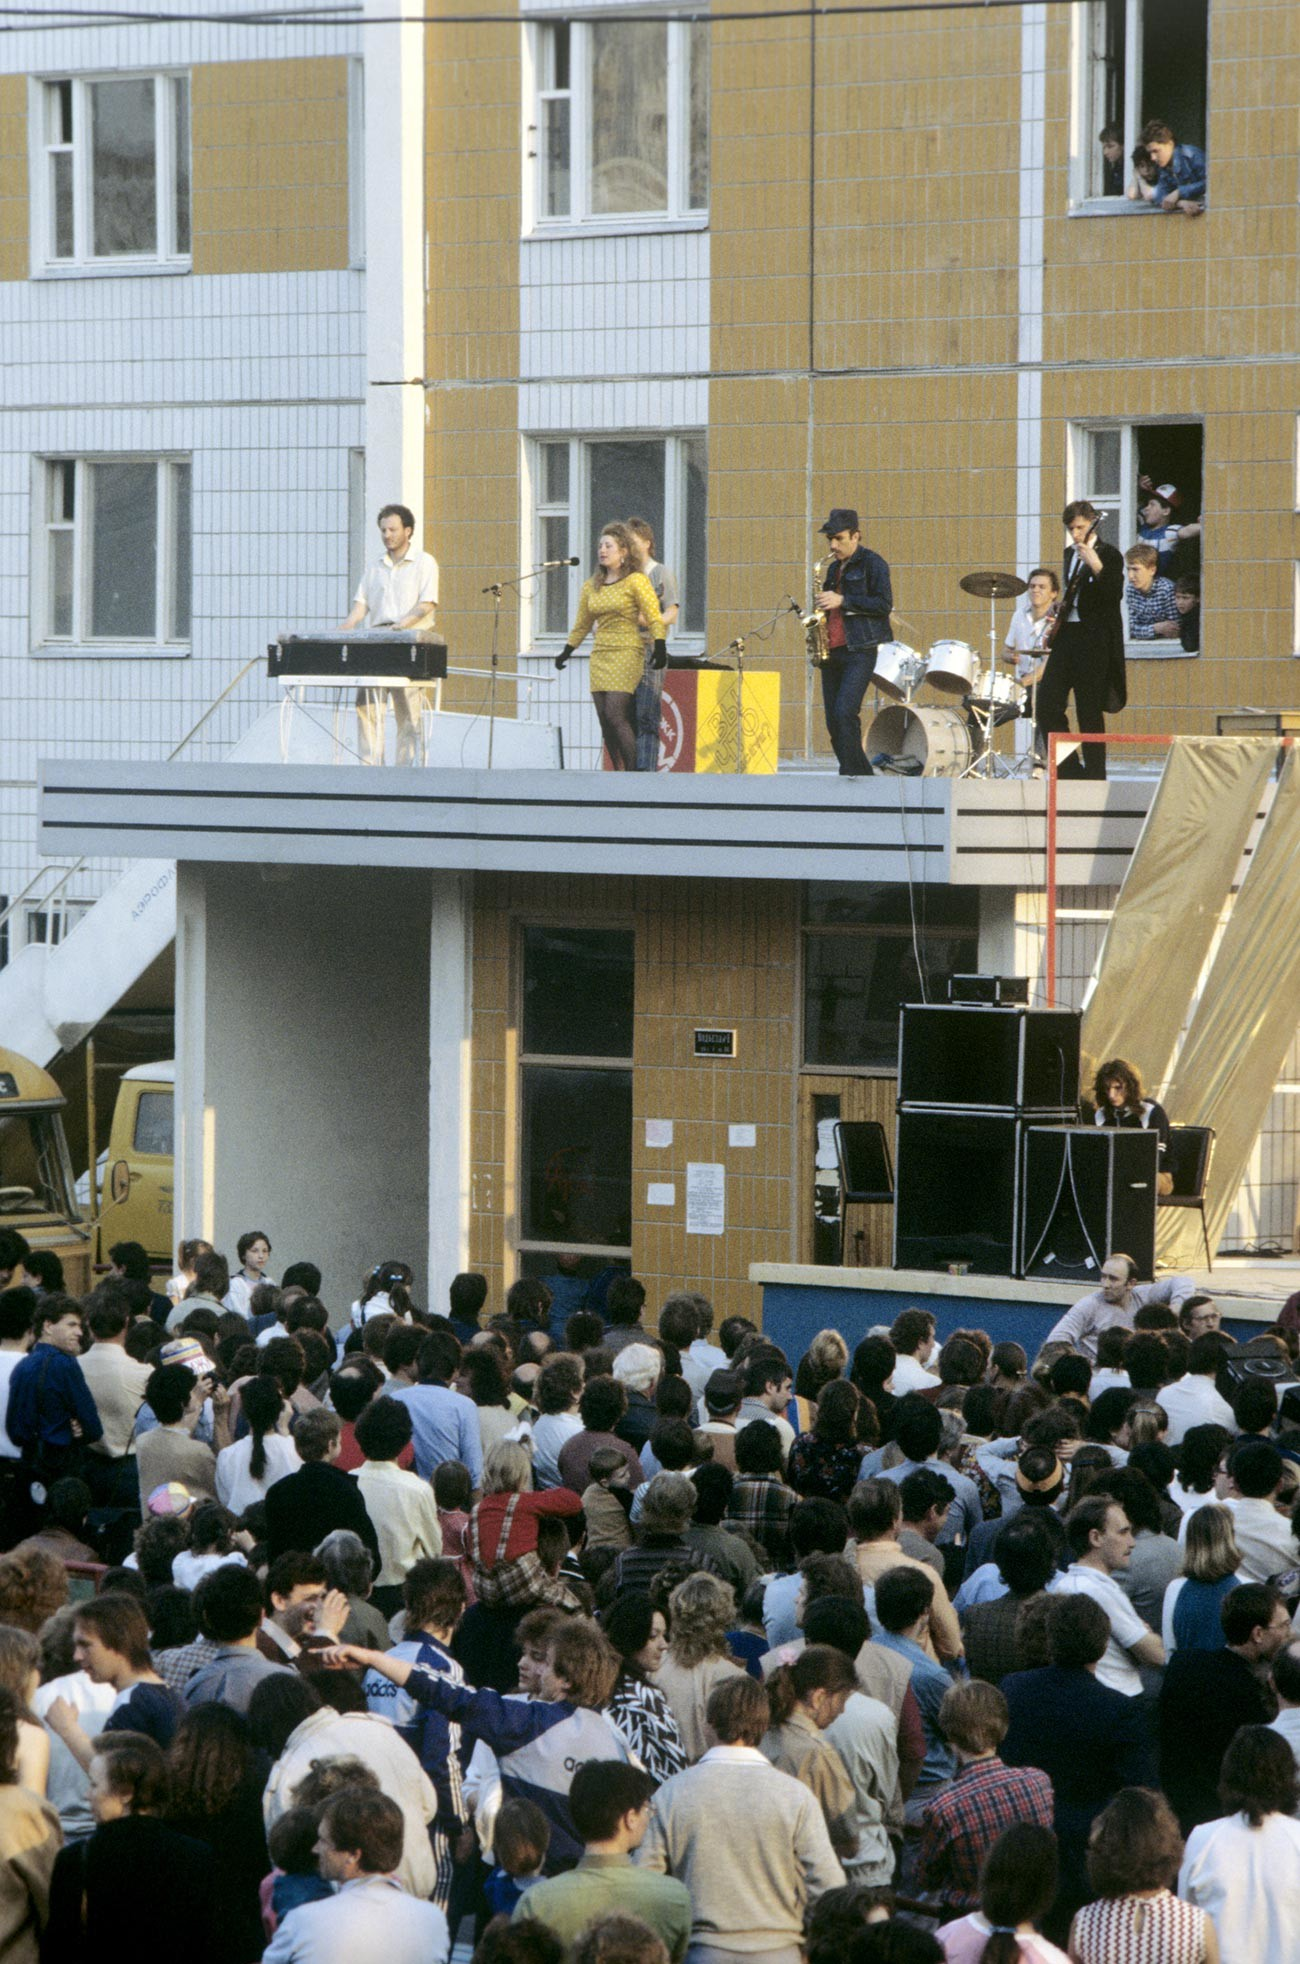 若者向け住宅コンプレクスの新築祝いのコンサート